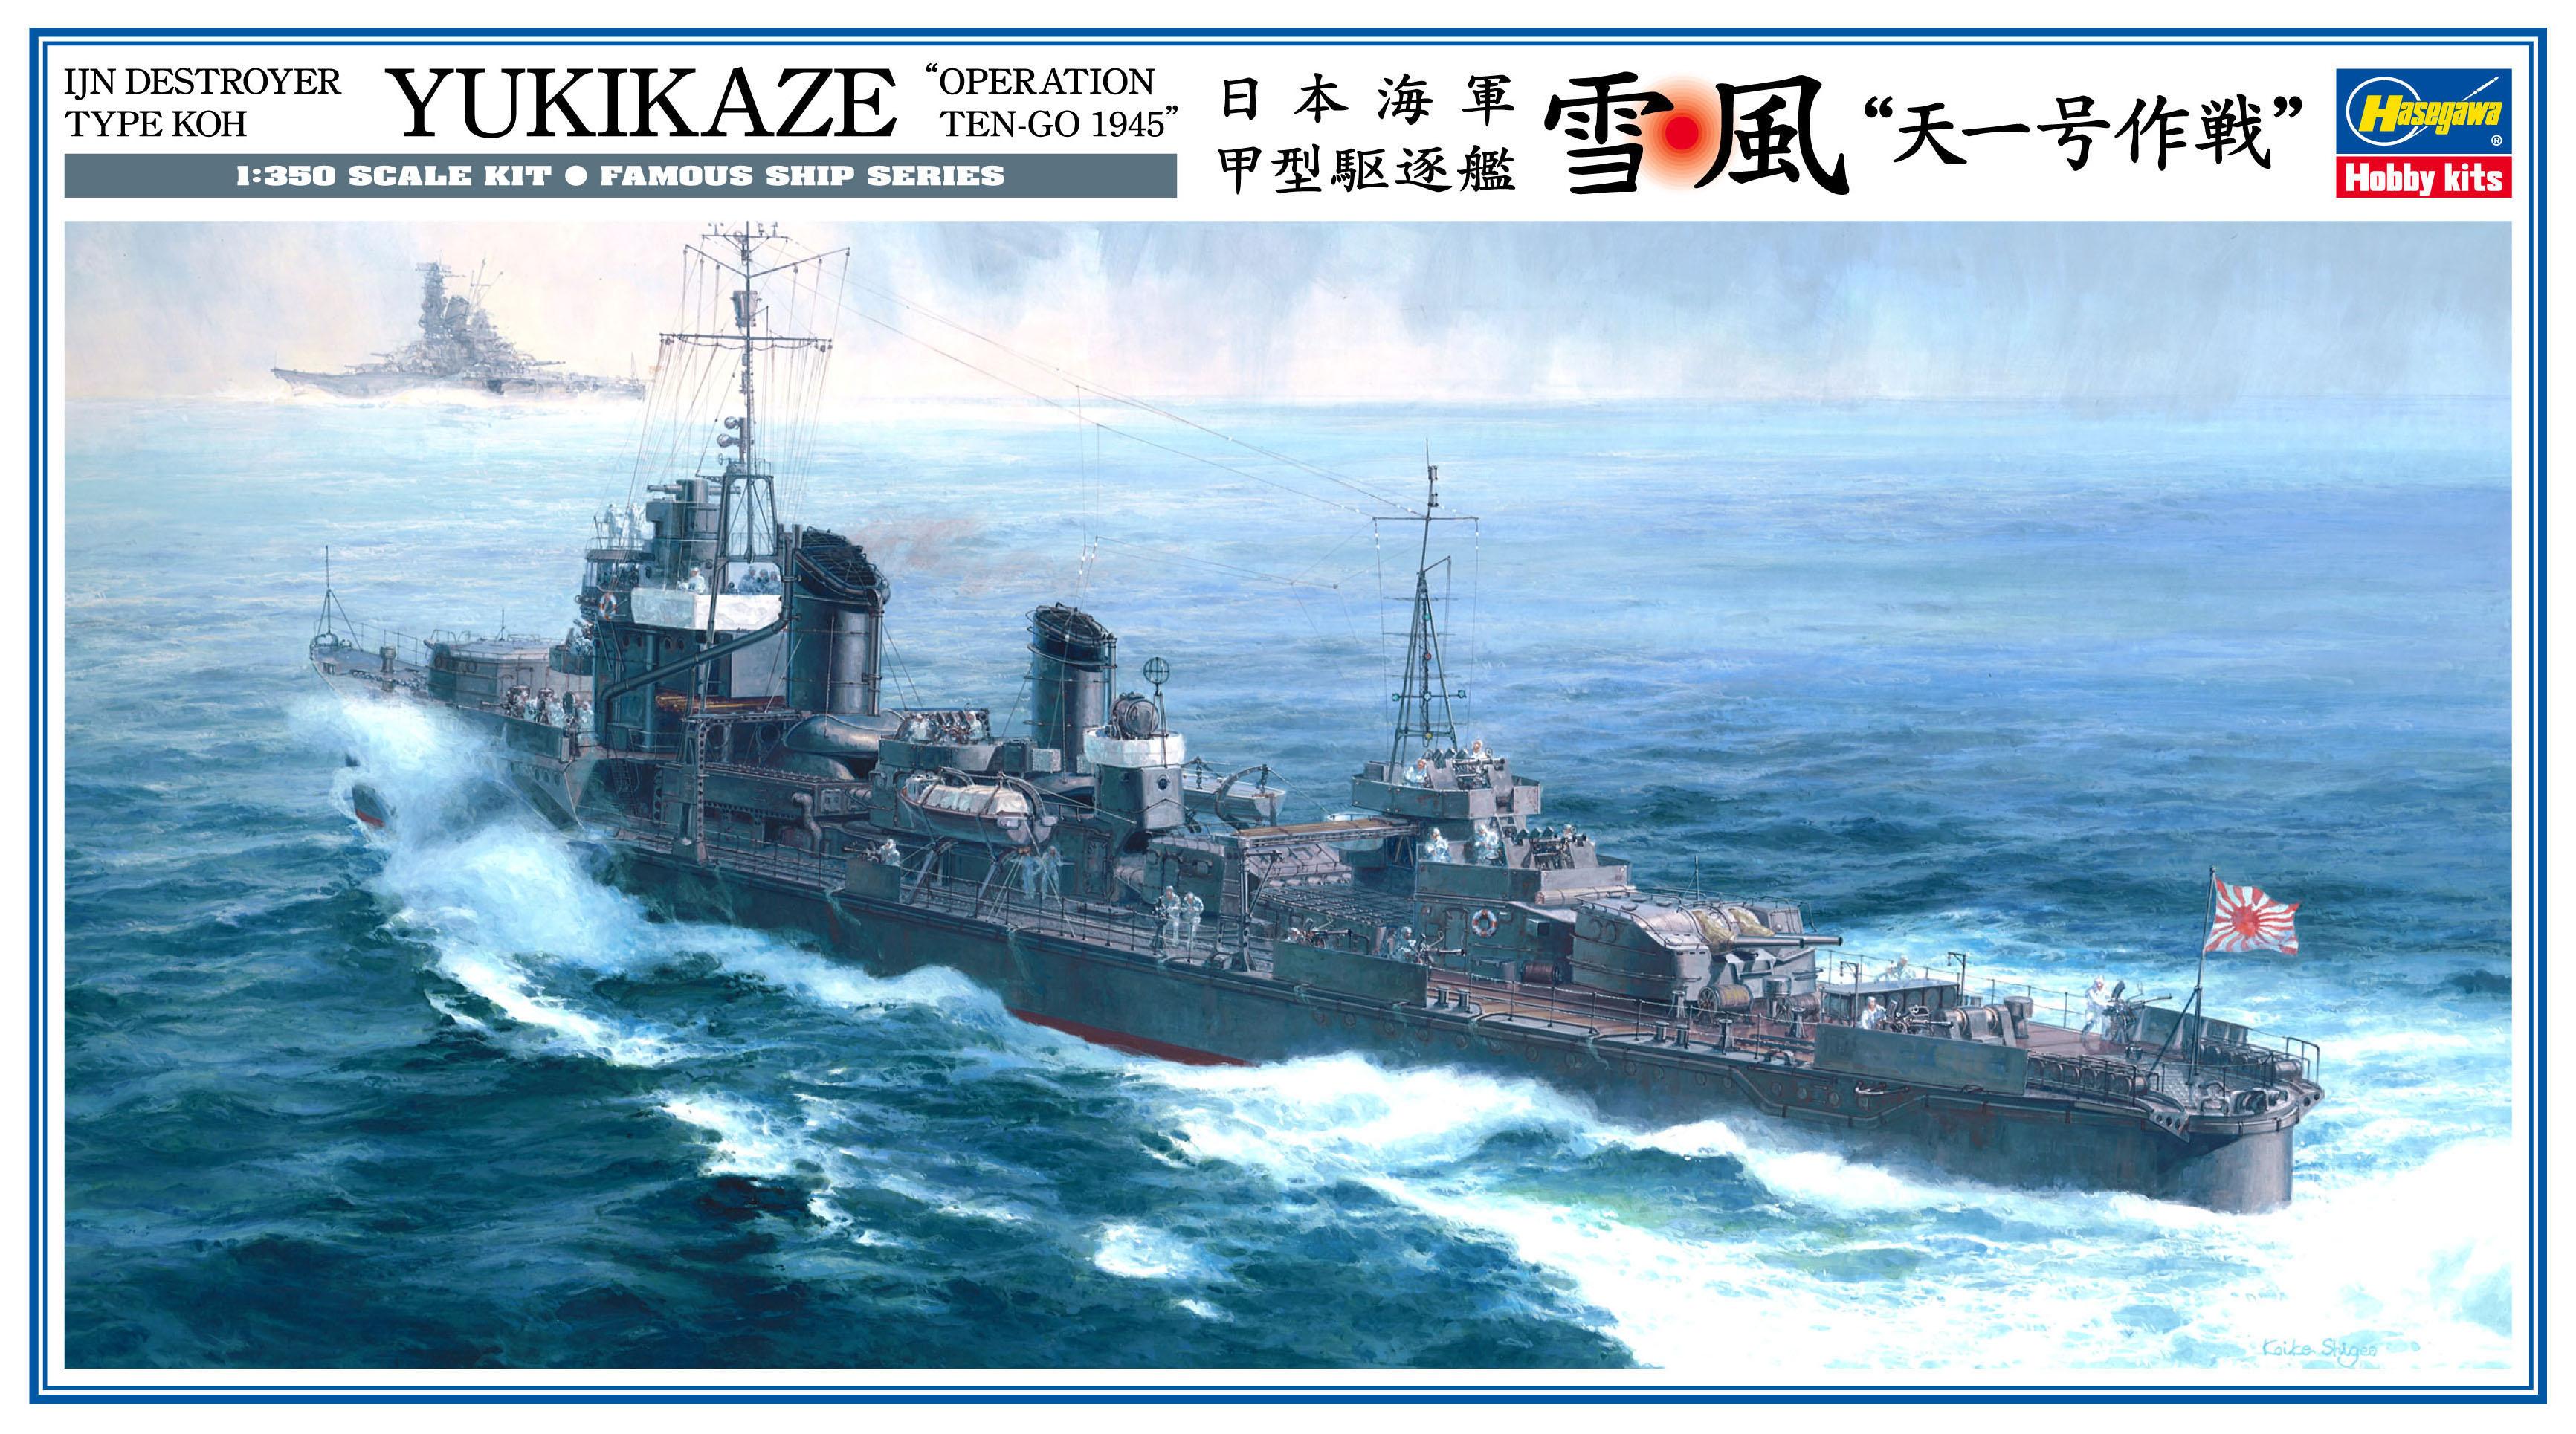 """Hasegawa Ijn Destroyer Type Koh Yukikaze """"Operation Ten-Go 1945"""""""